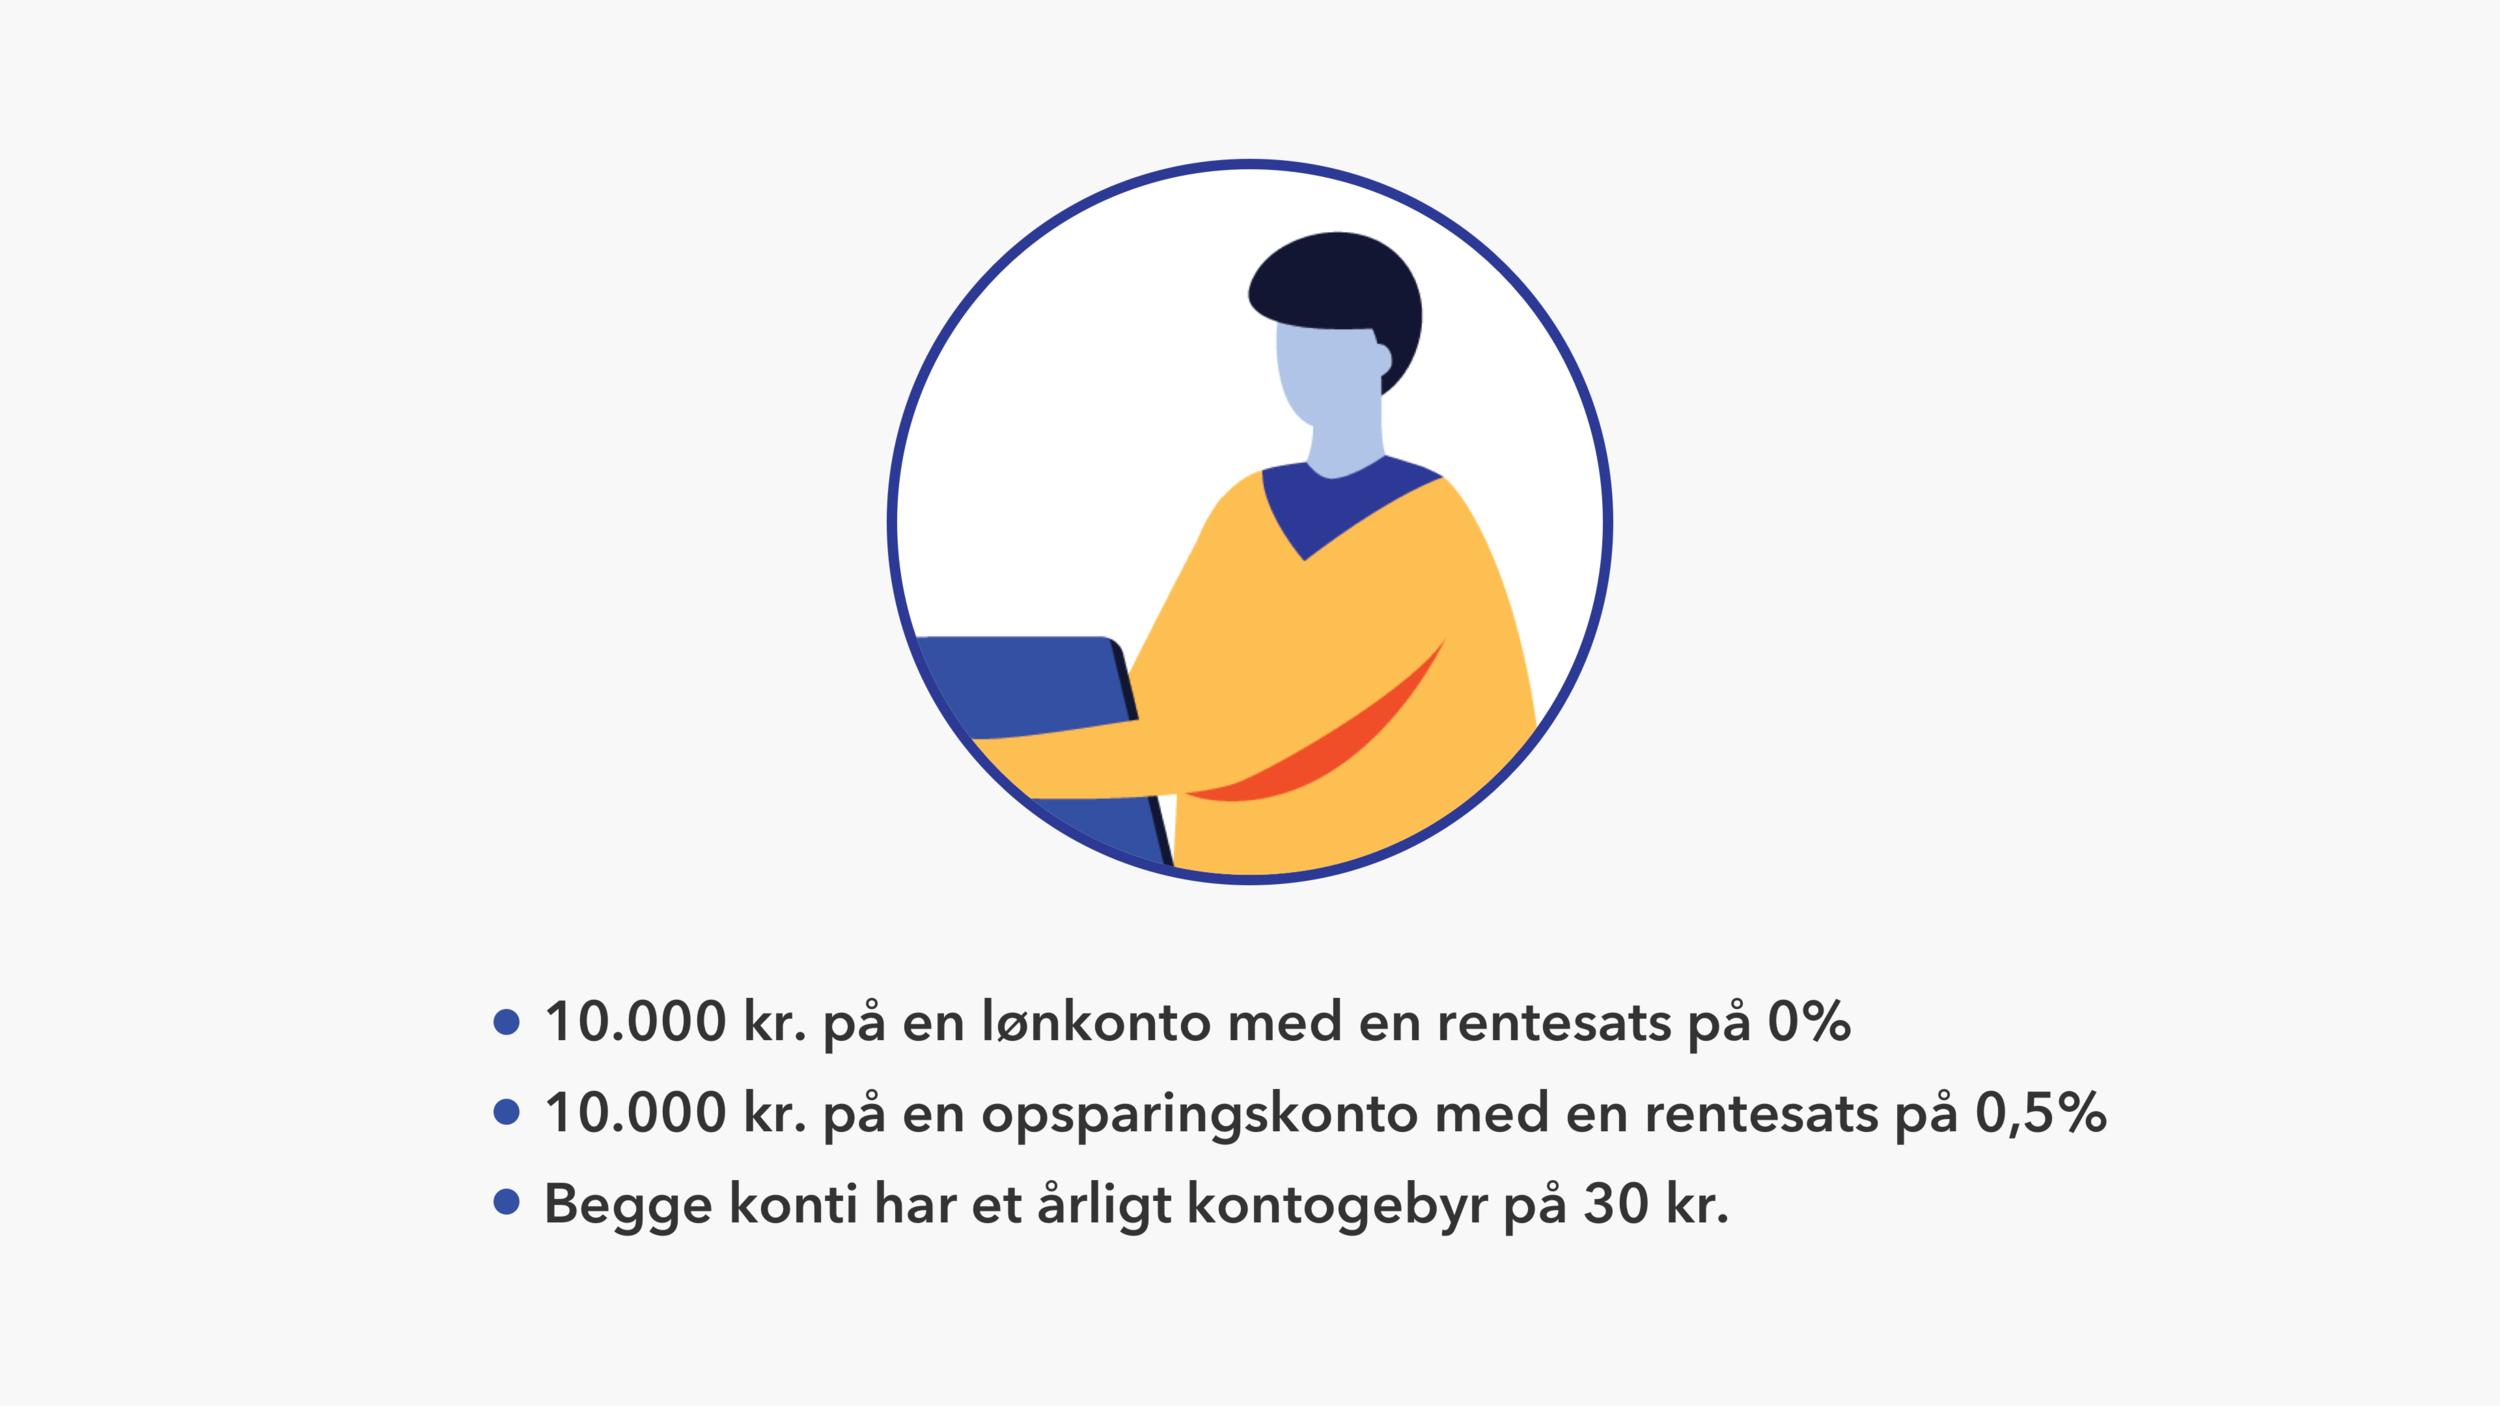 pers indlånsrenter på hans opsparingskonto.png